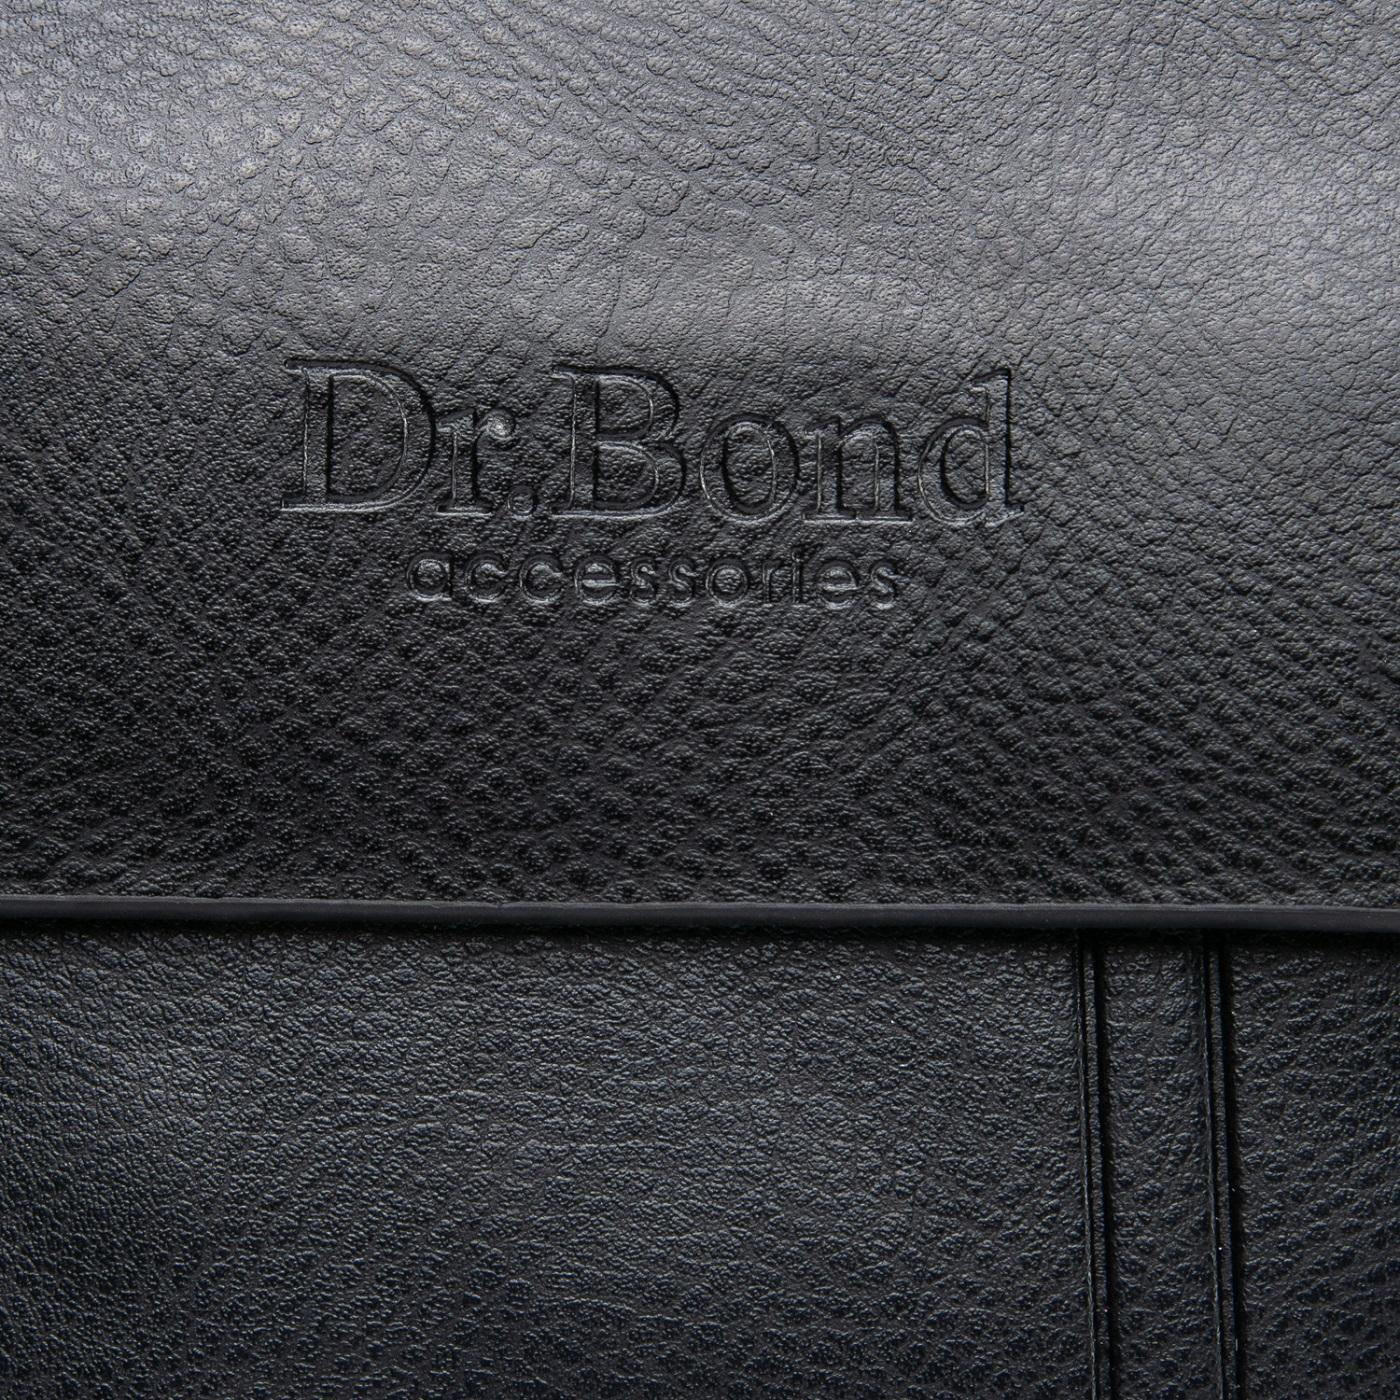 Сумка Мужская Планшет иск-кожа DR. BOND GL 210-0 black - фото 3